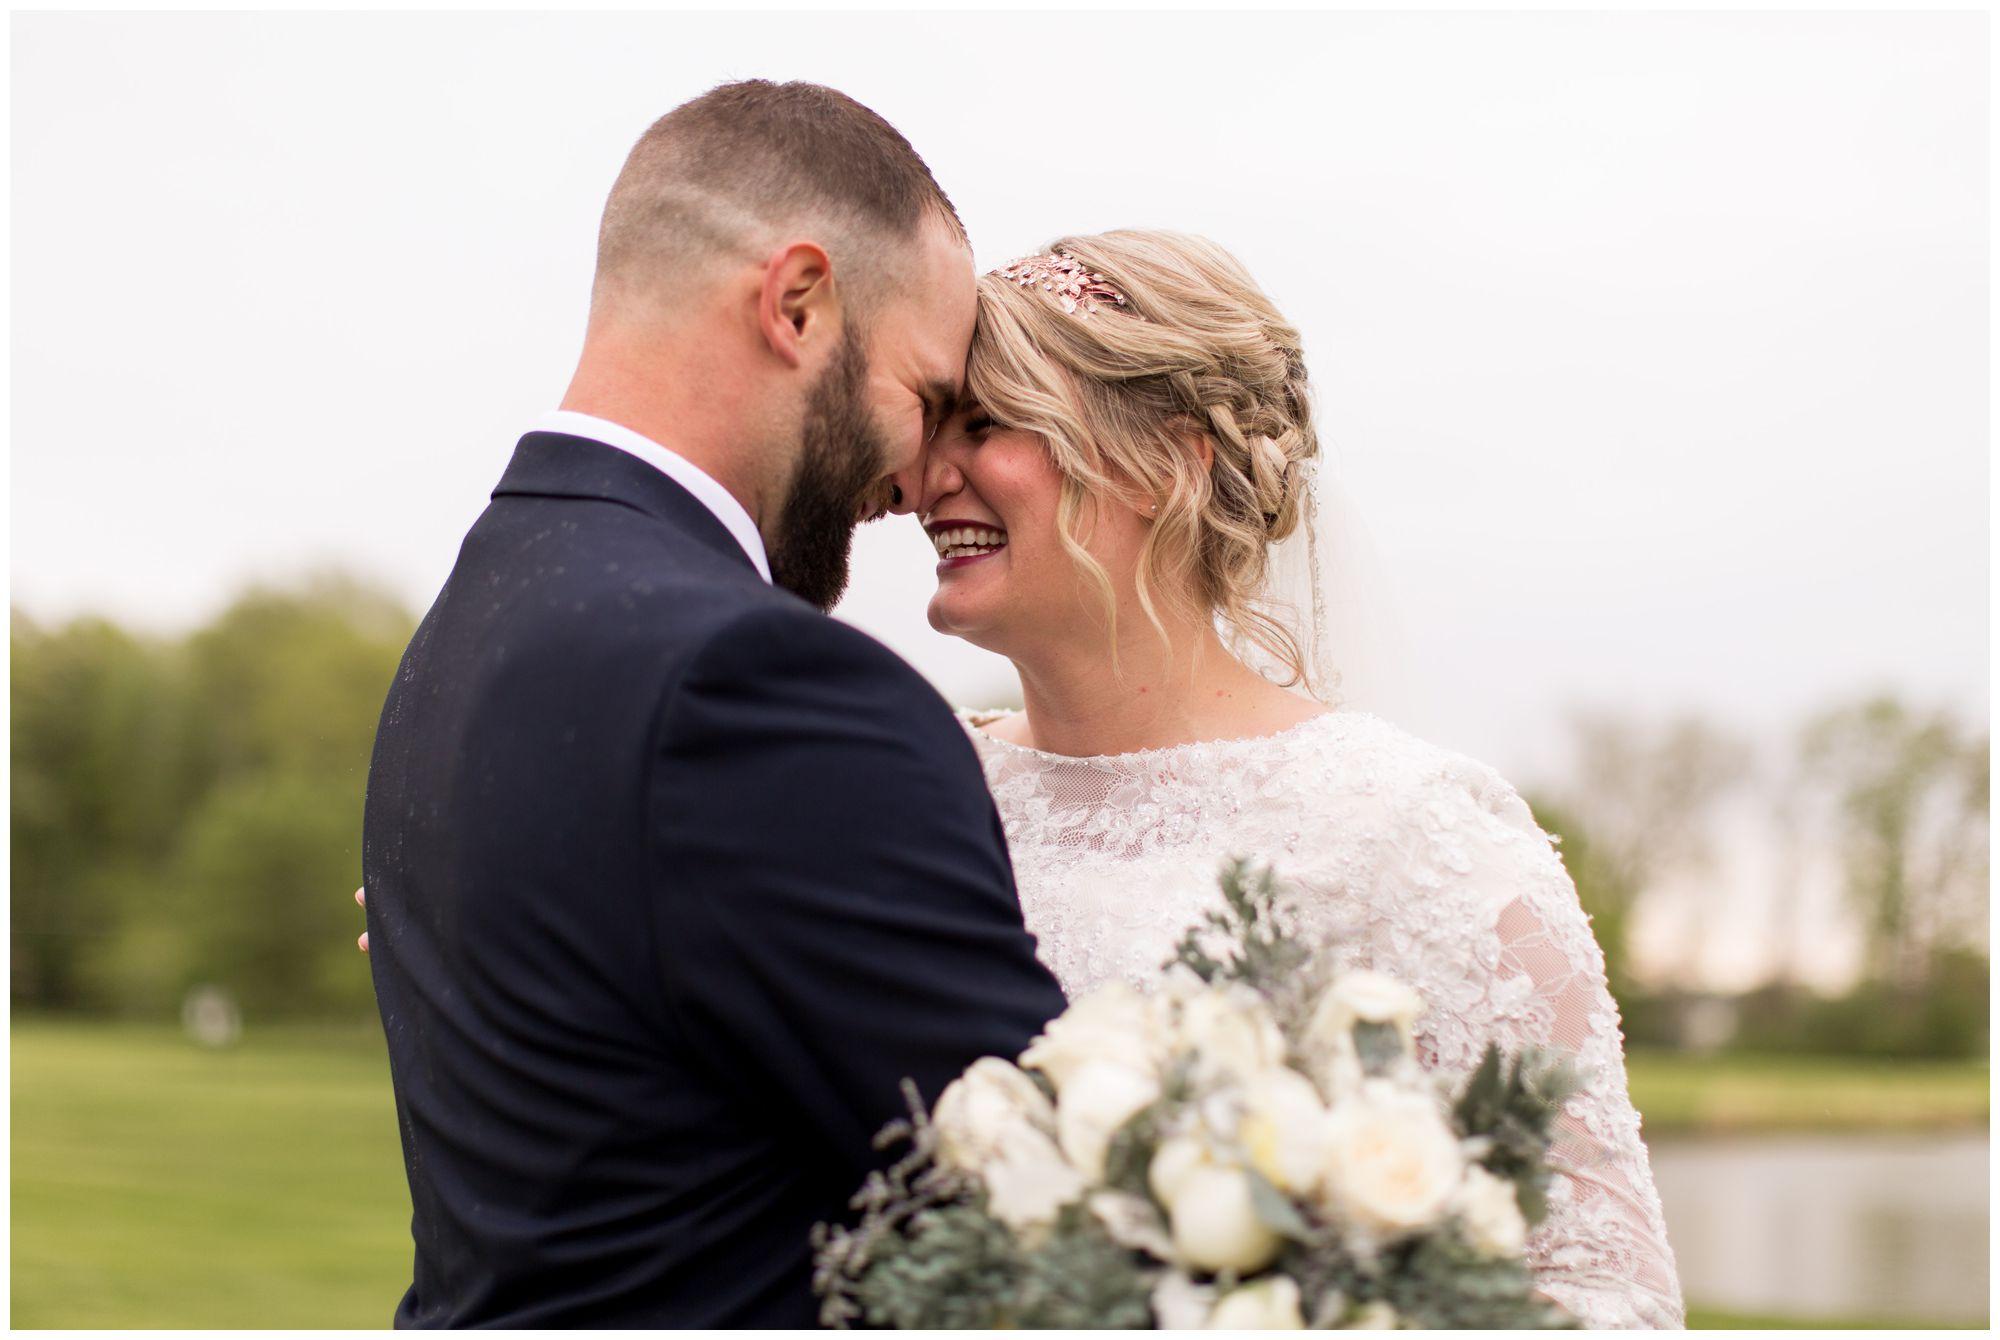 bride and groom wedding photos in Muncie Indiana